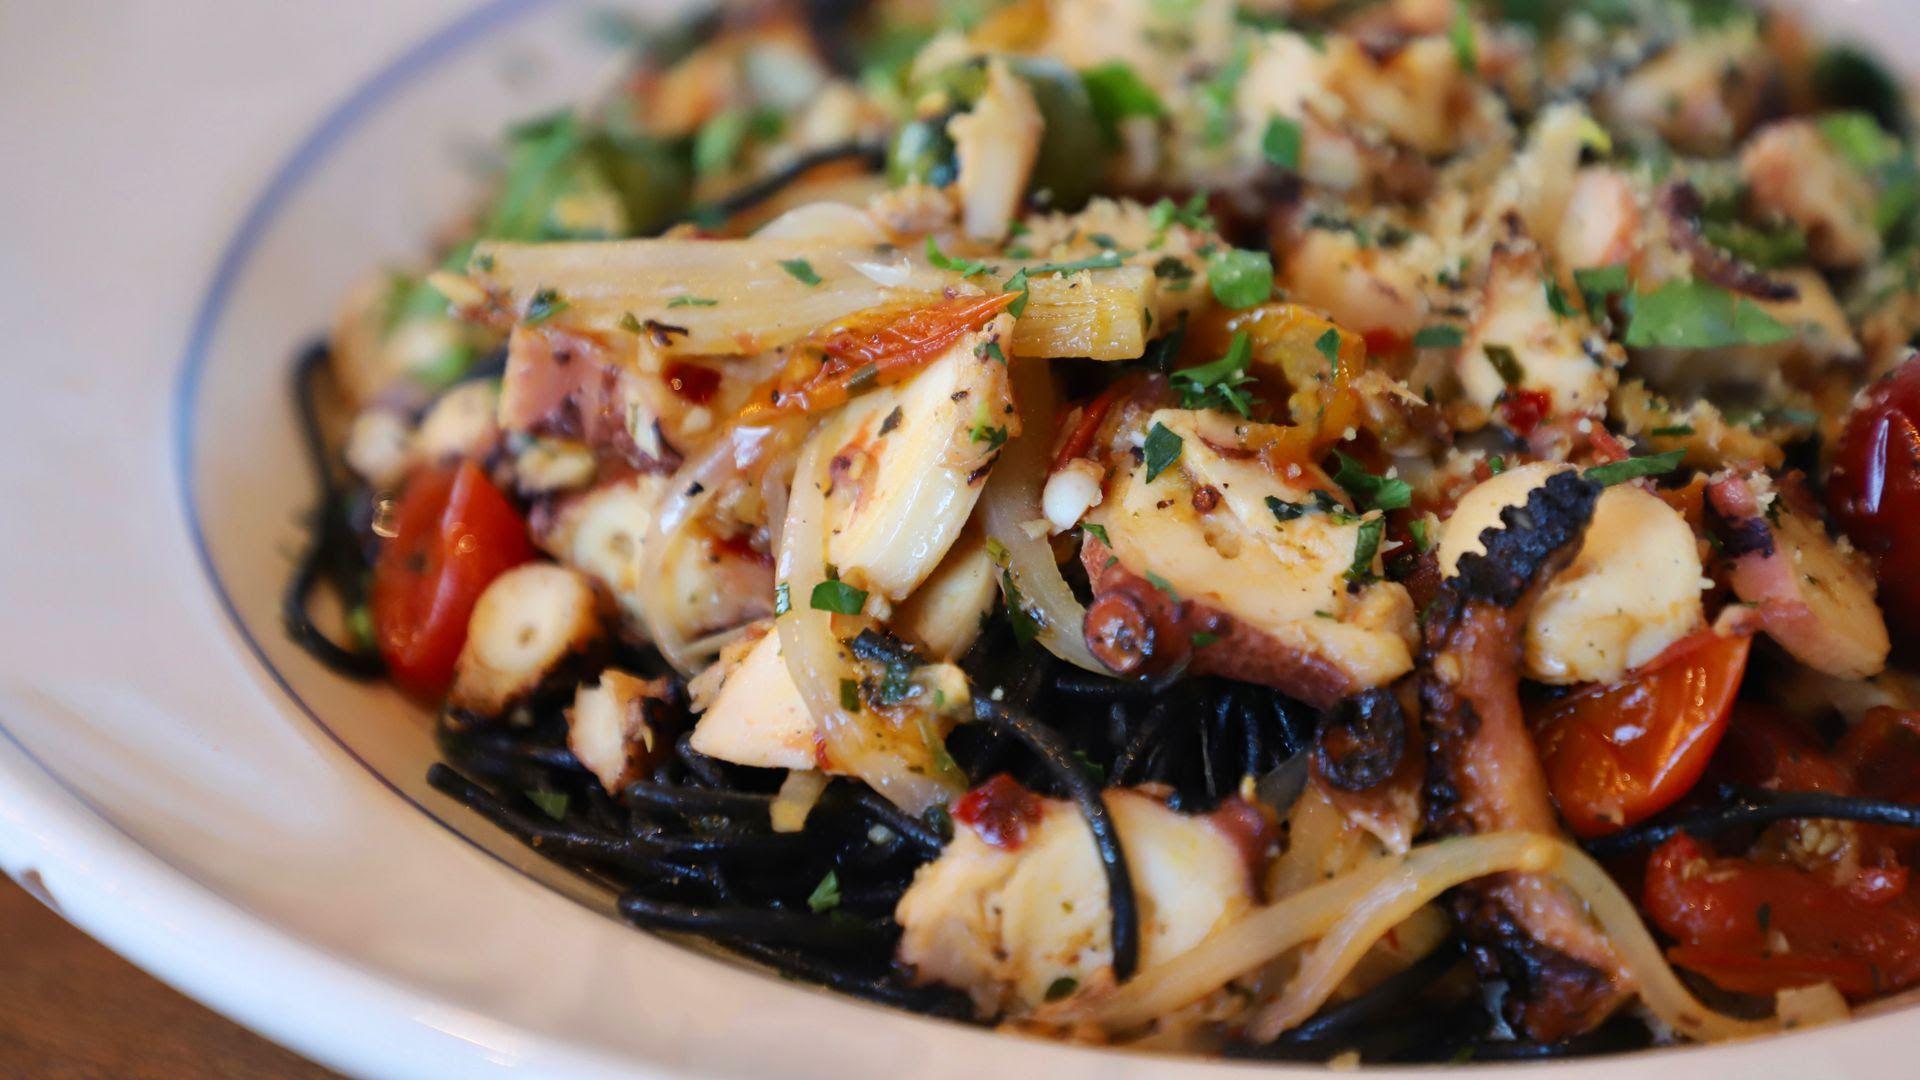 The Spaghetti al Negro Con Polpo at Casa Santo Stefano.